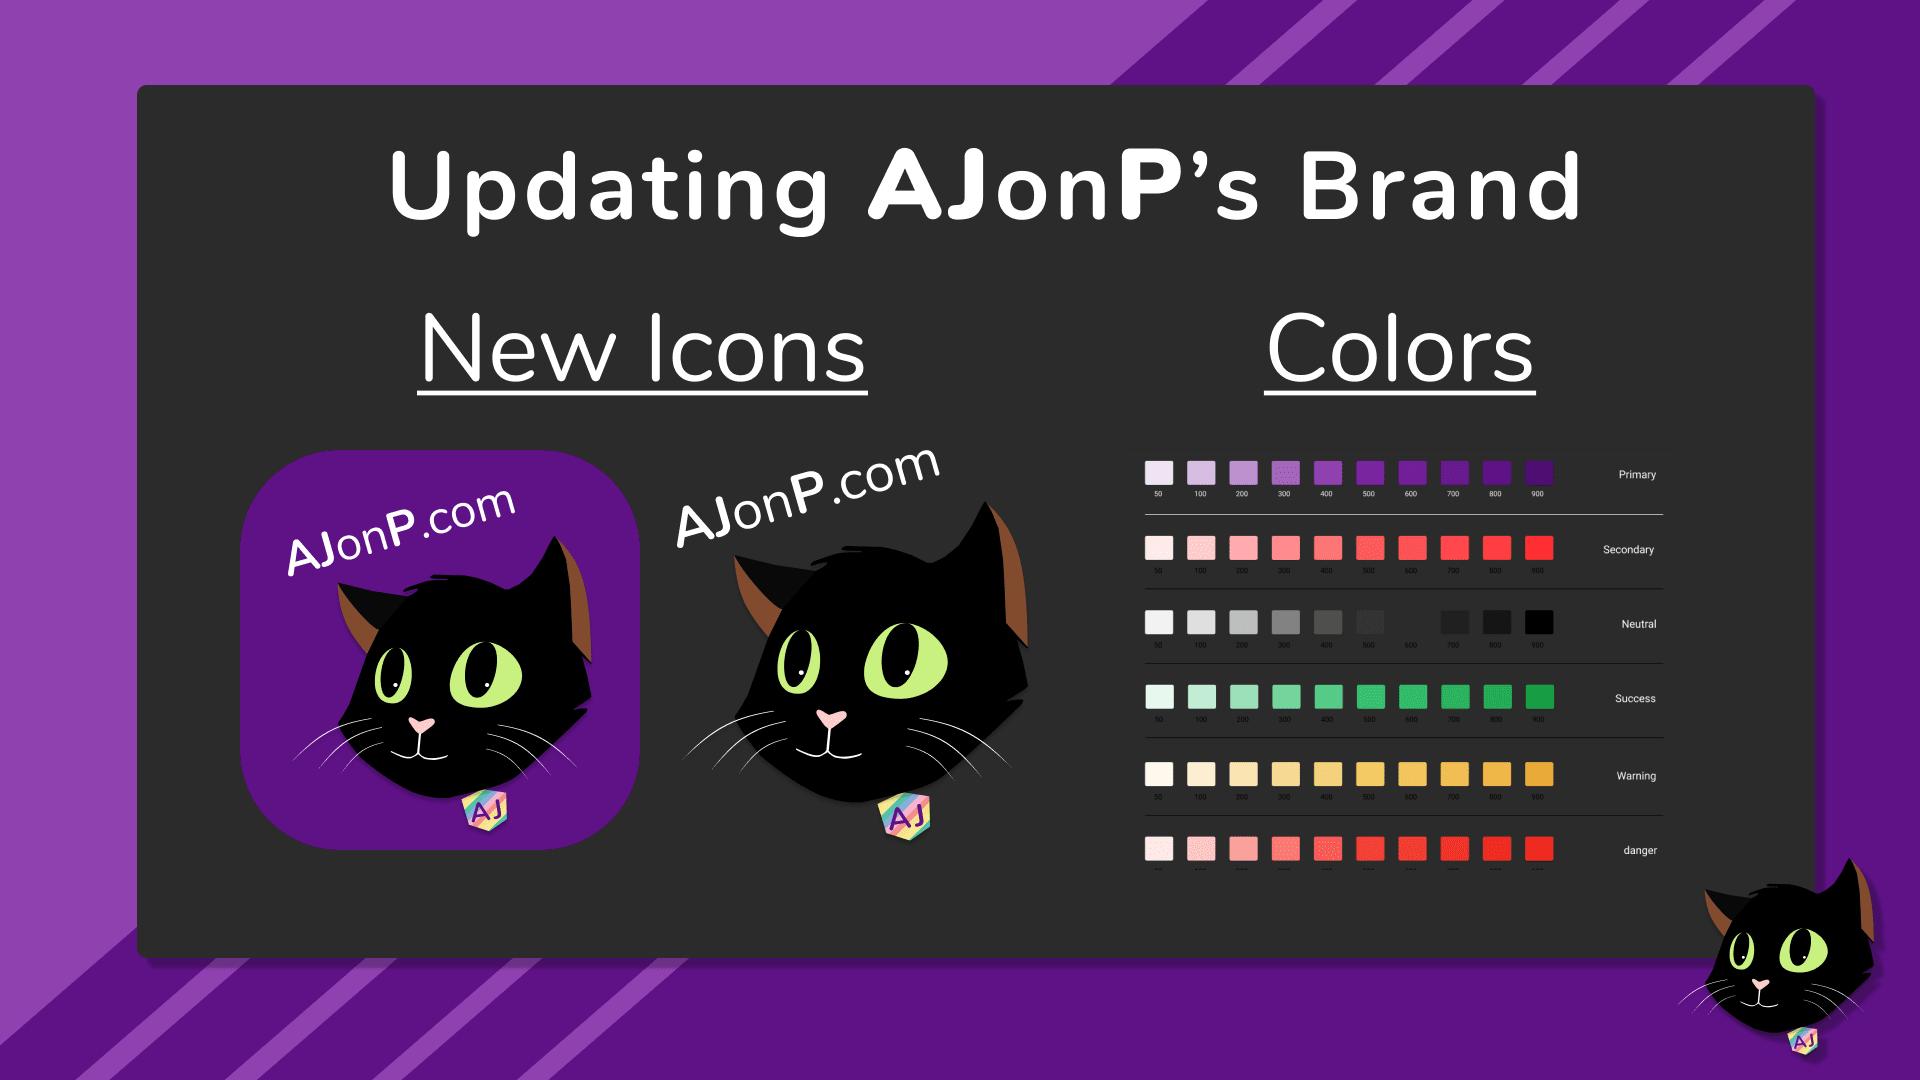 Updating AJonP's Brand